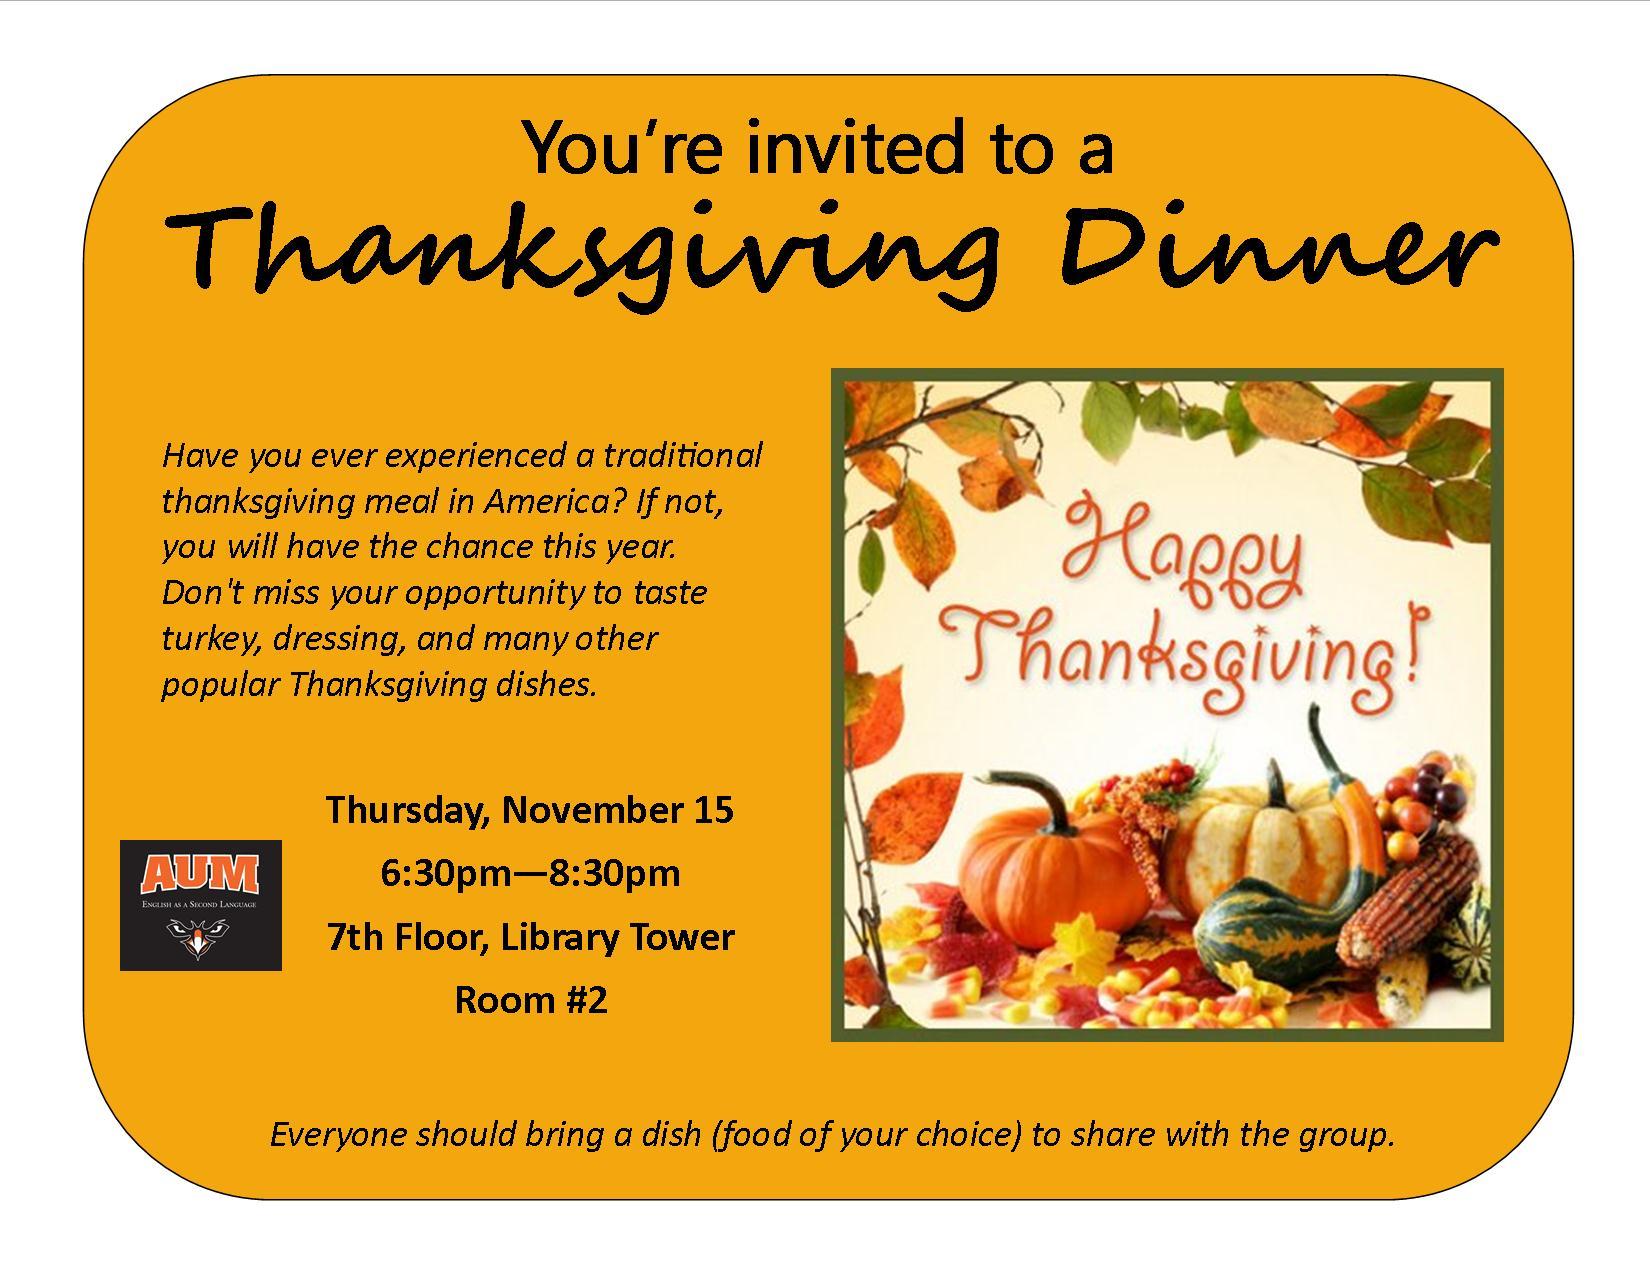 Dinner Invite is beautiful invitations sample